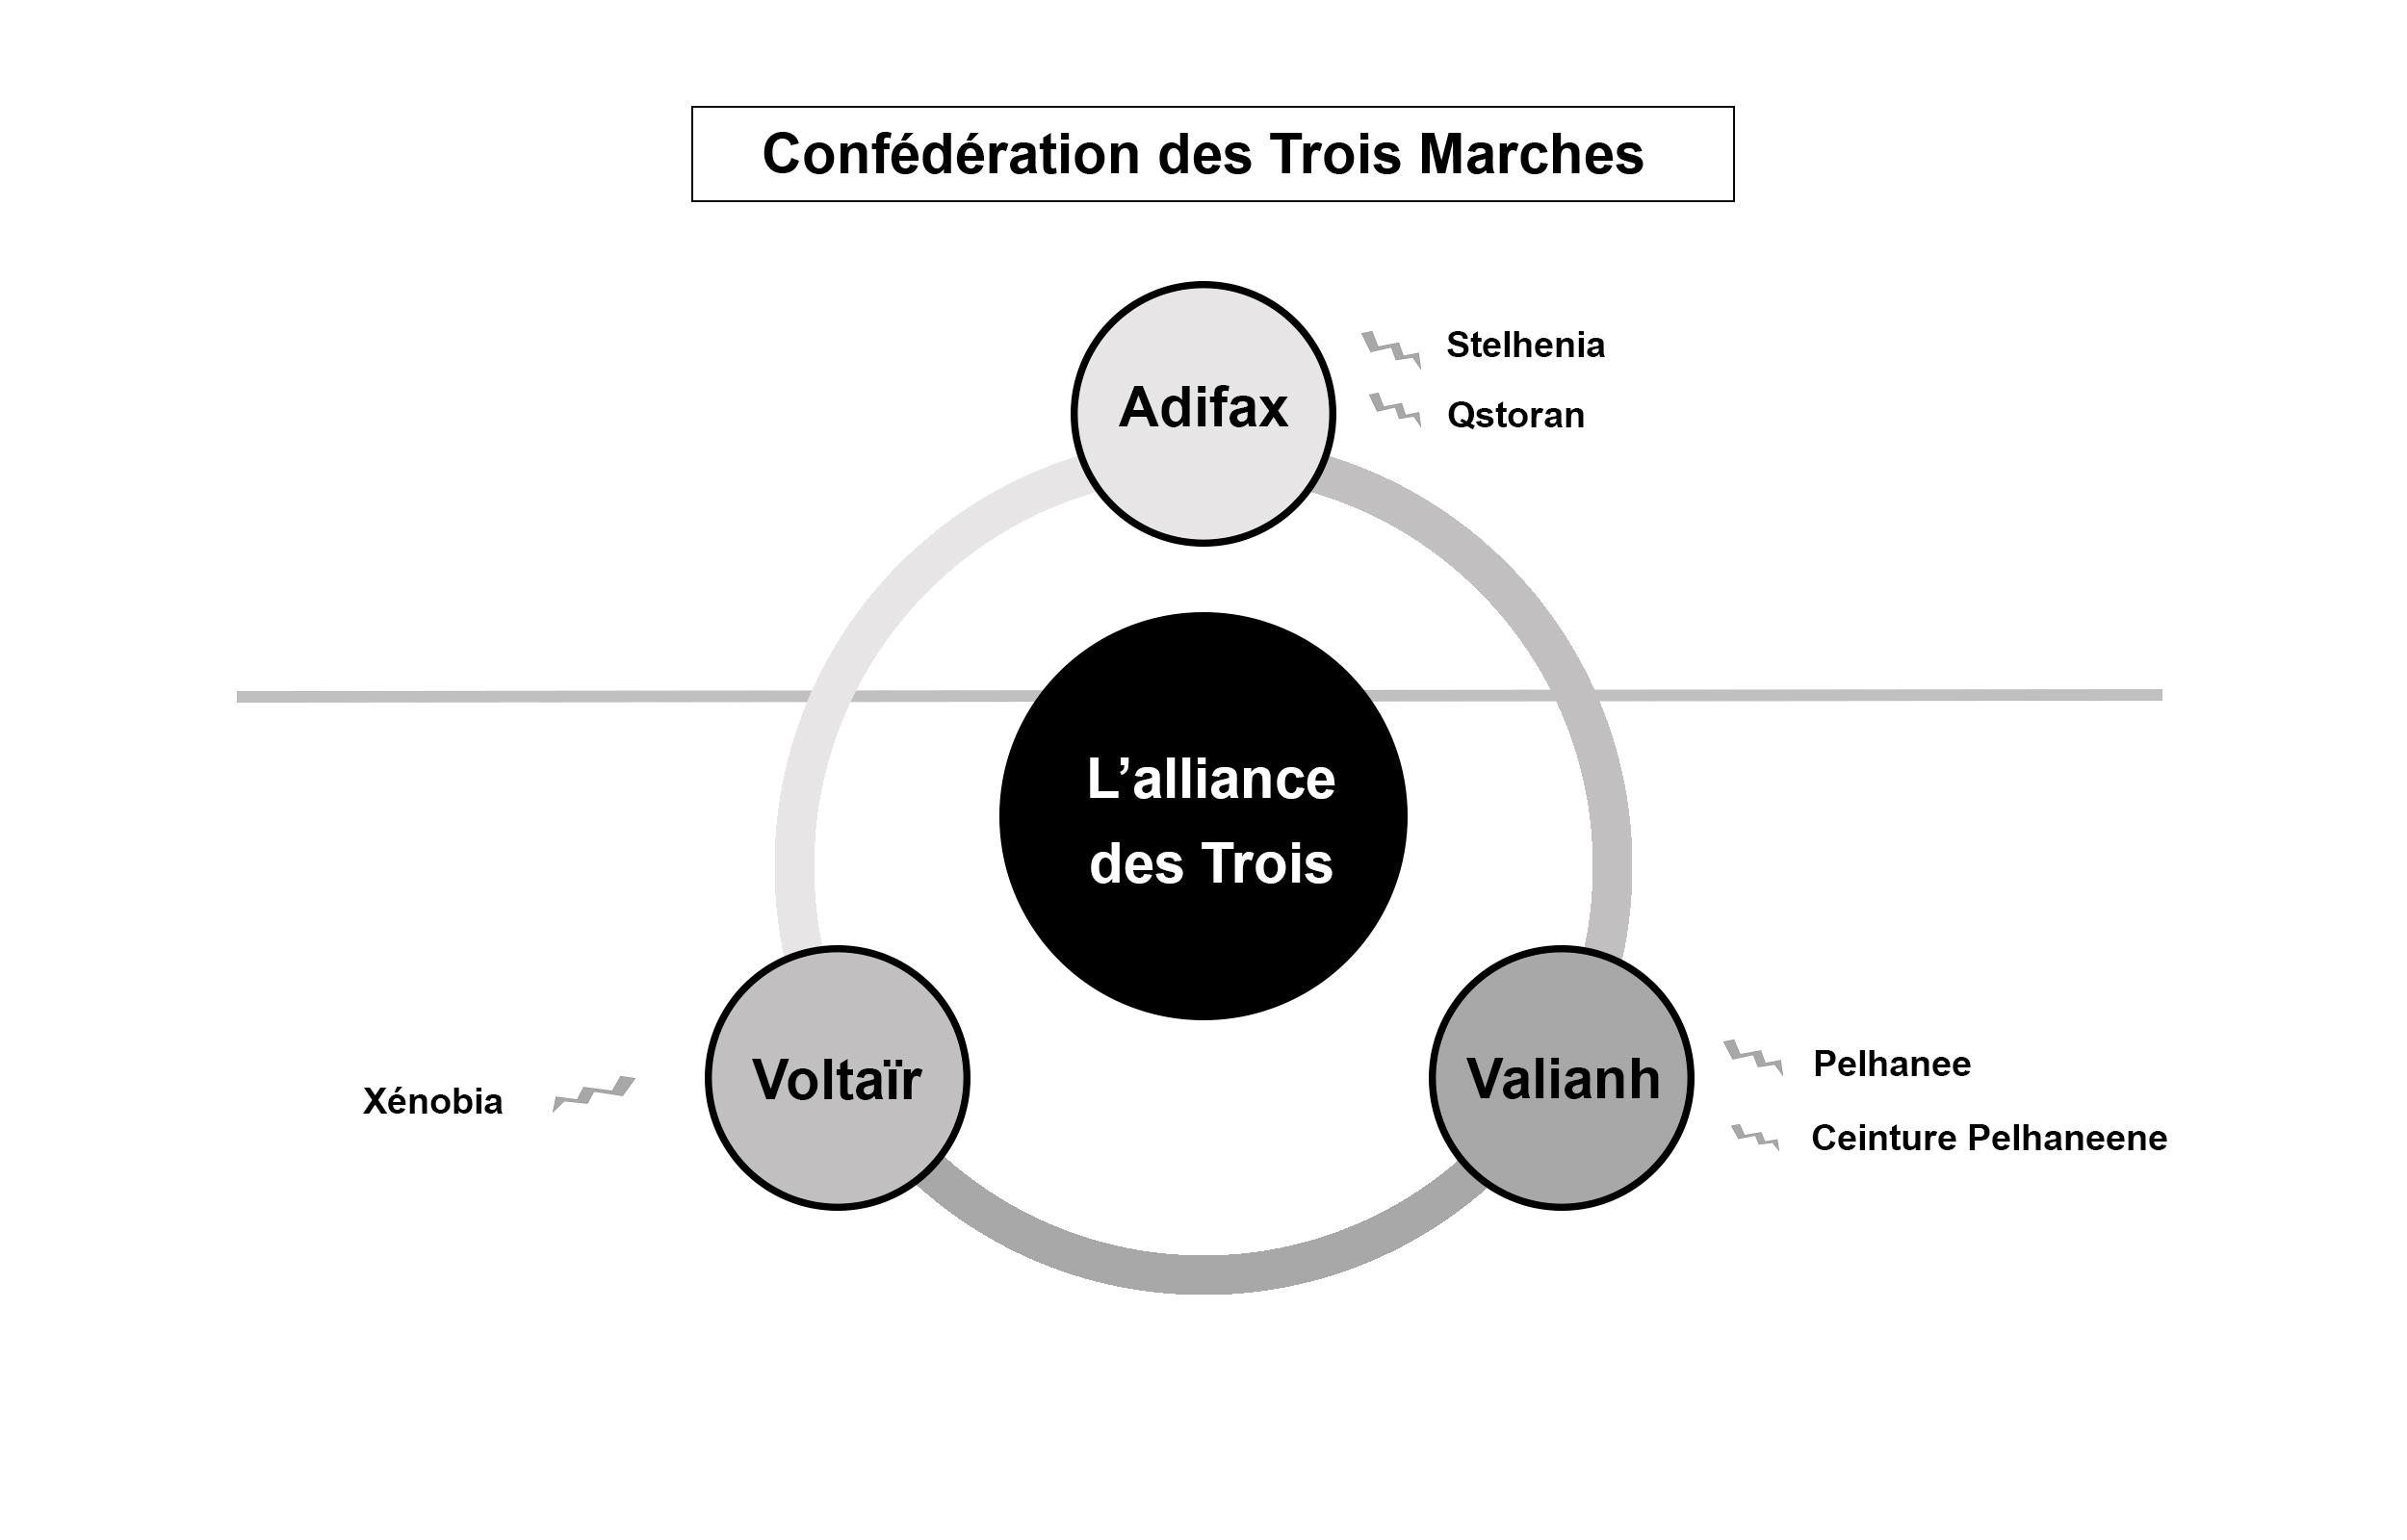 Confédération des Trois Marches, Teralhen